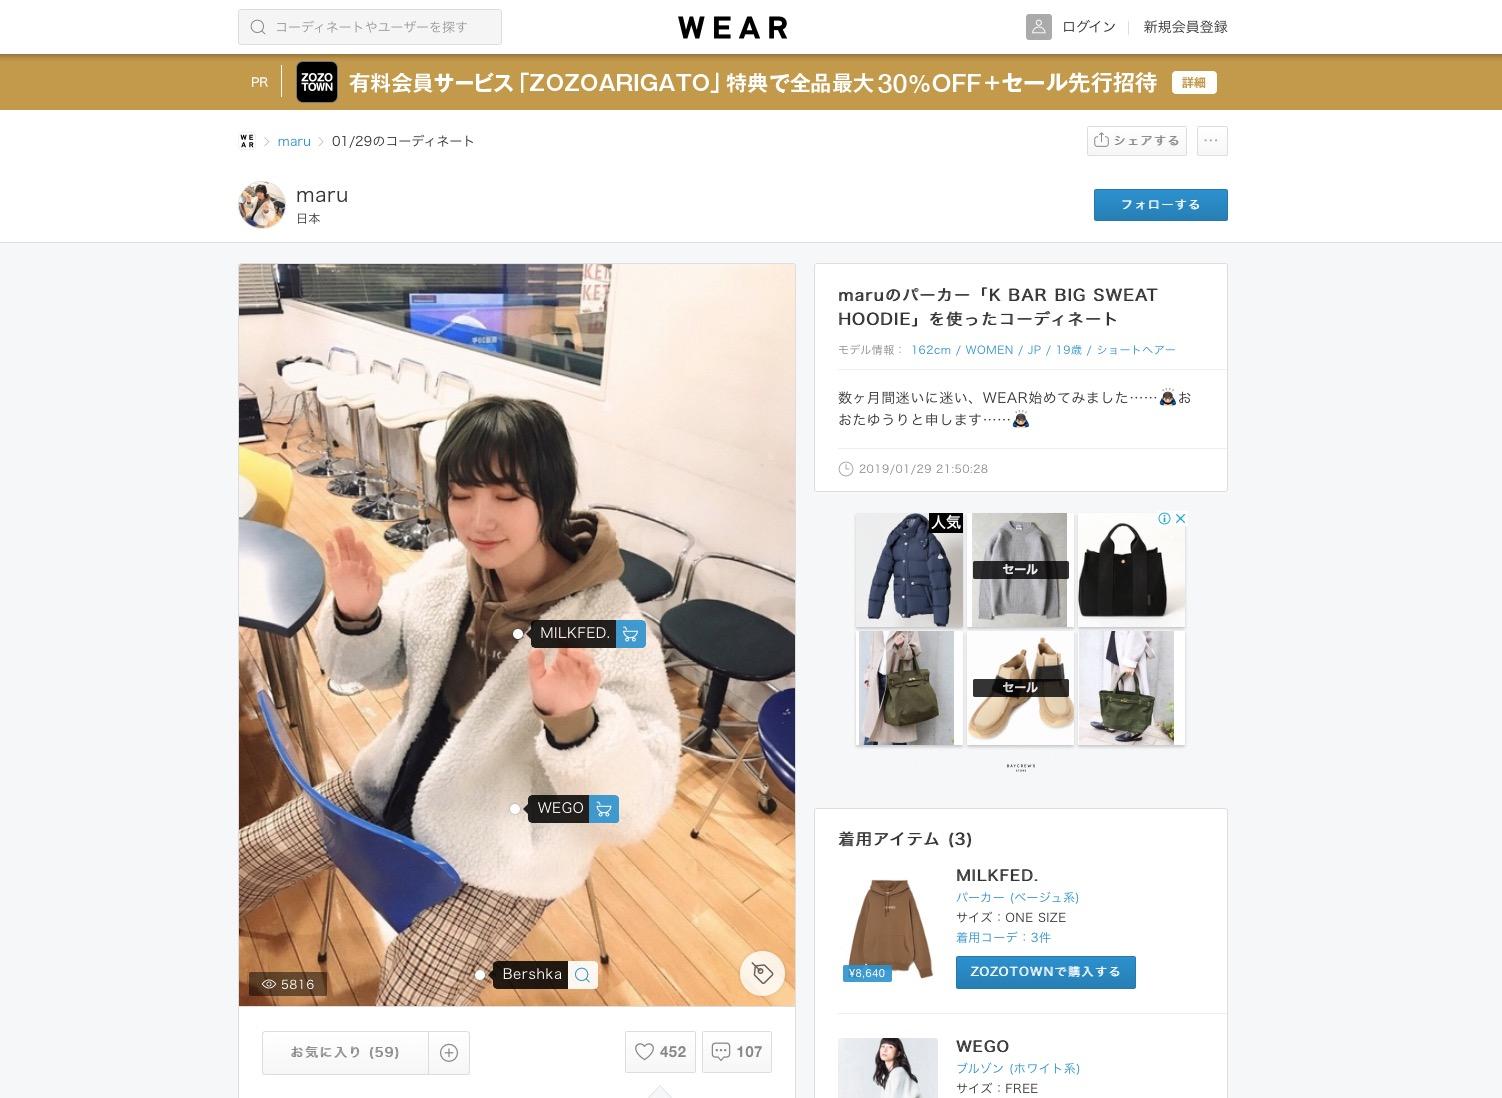 【太田夢莉】ゆーりがWEARのアカウントを開設、古着多めでコーディネートを公開